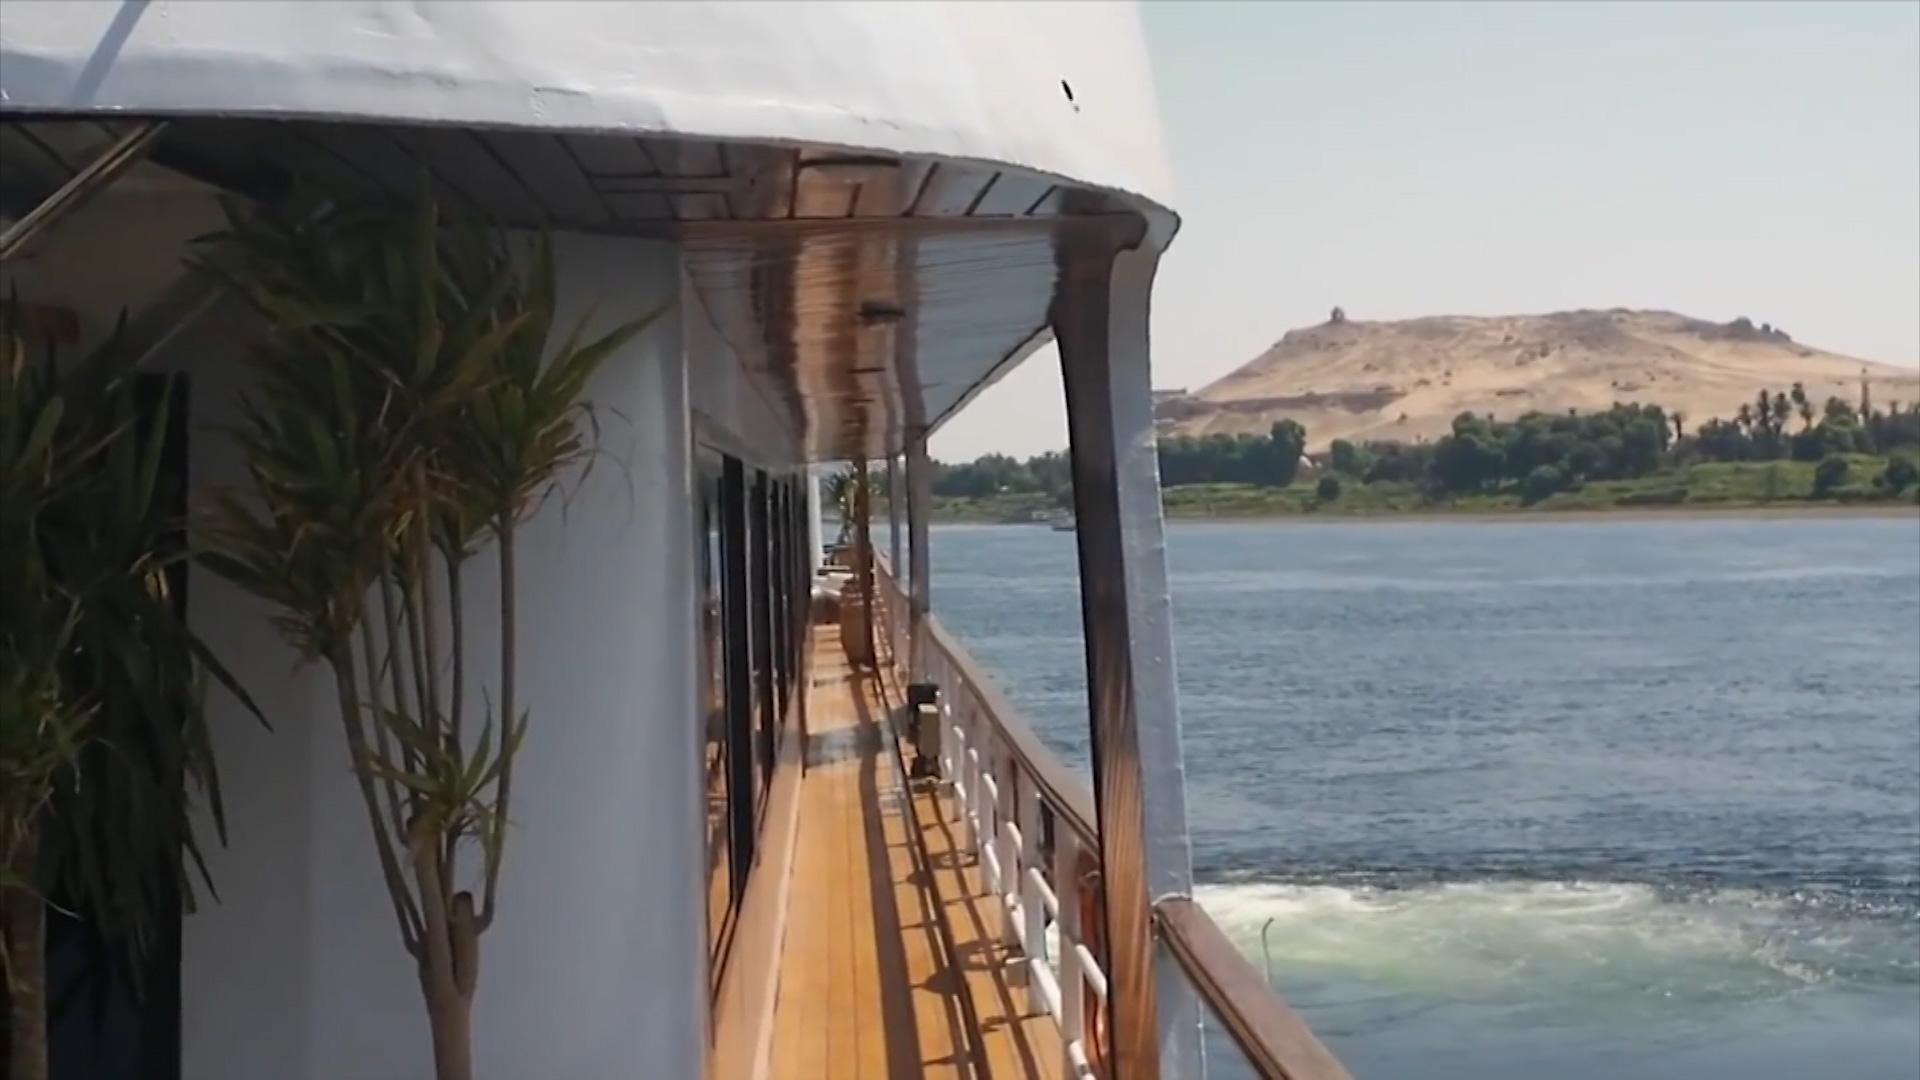 flusskreuzfahrten auf der donau boomen luxusschiff. Black Bedroom Furniture Sets. Home Design Ideas